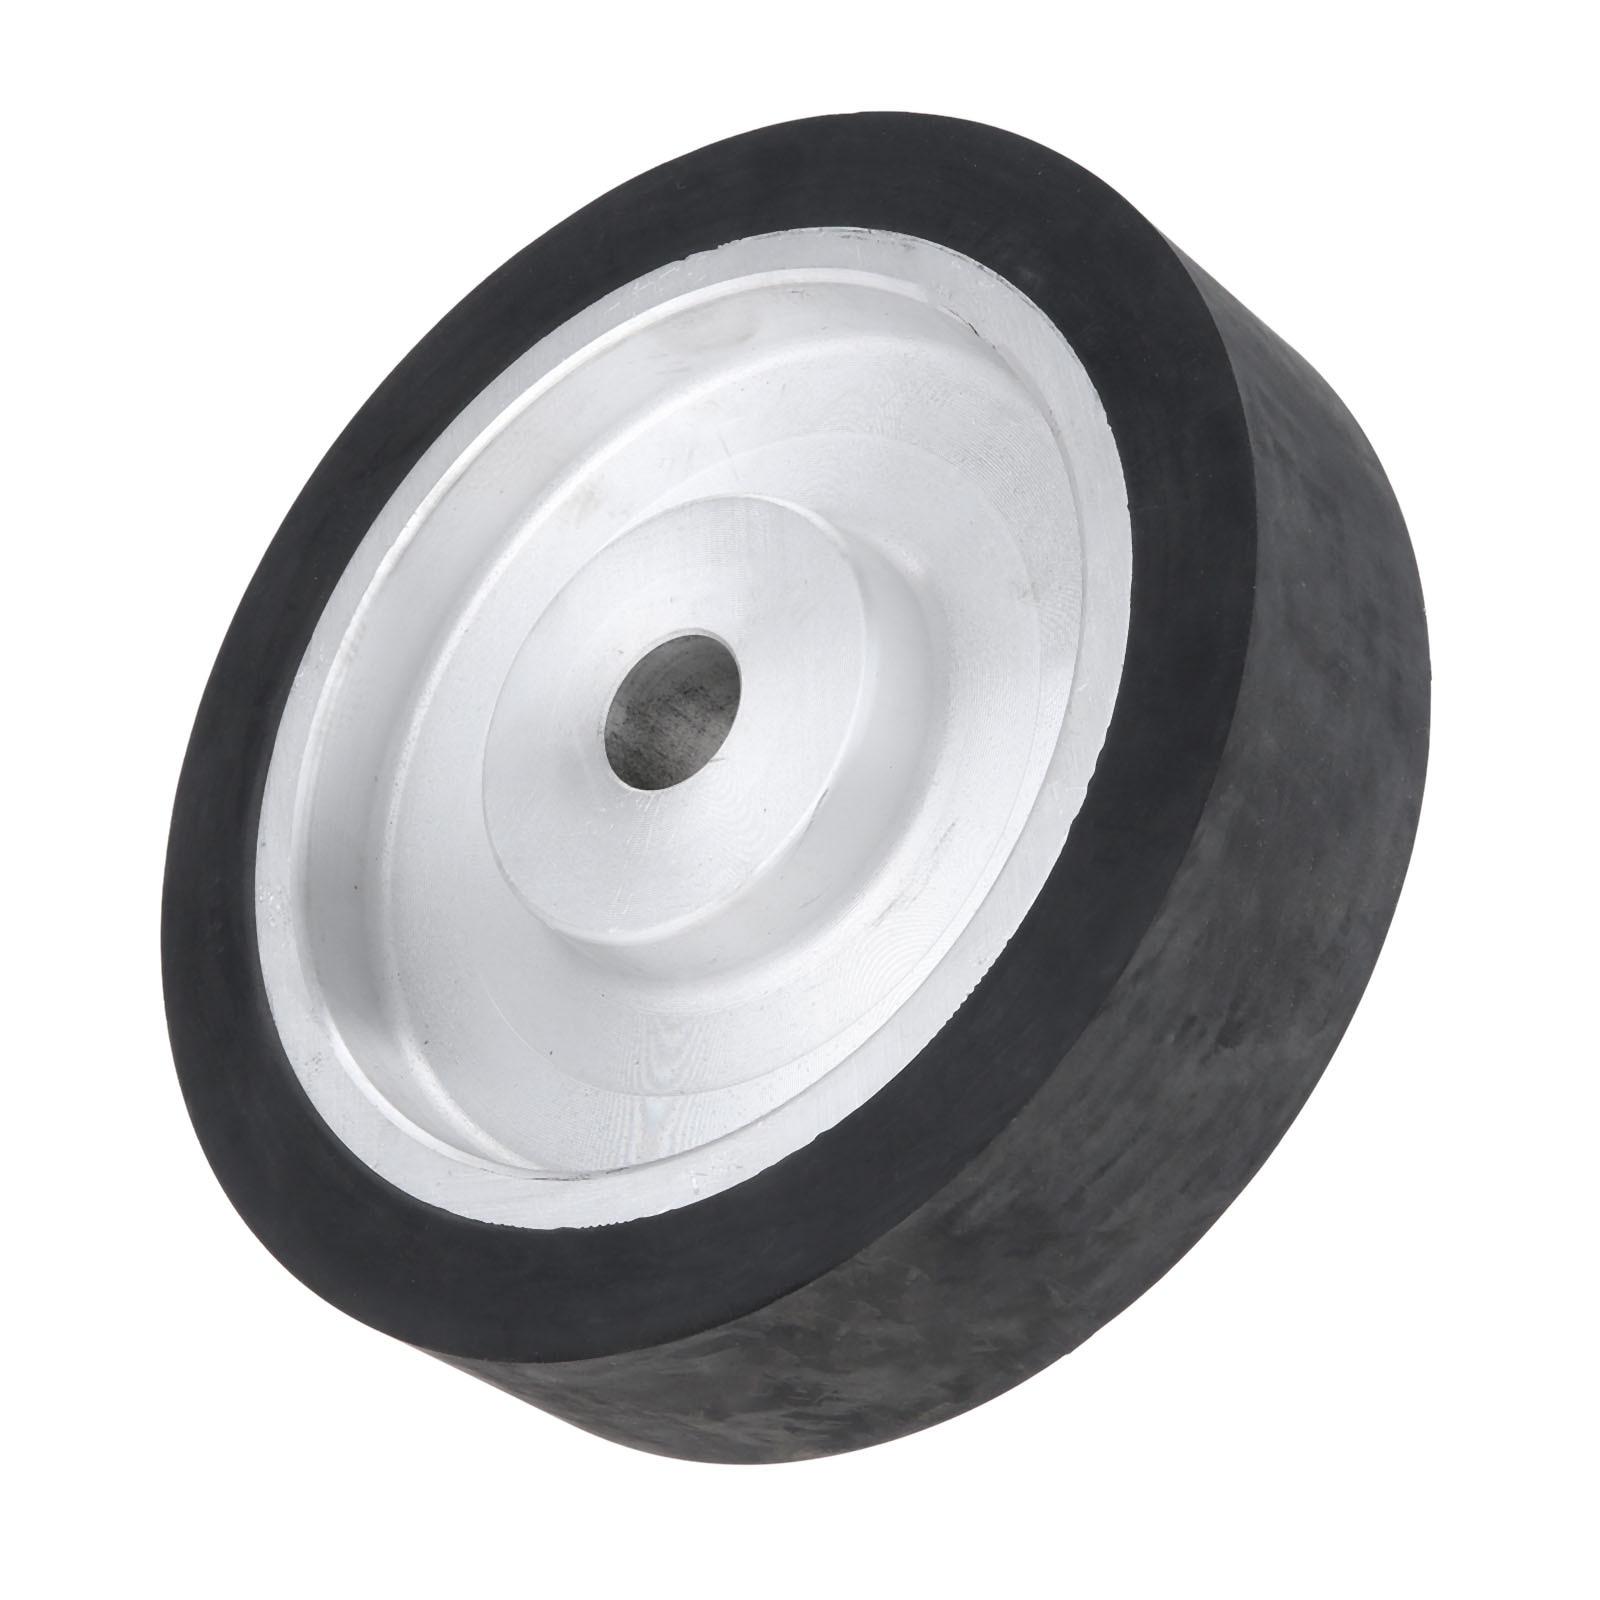 DRELD 200*50mm Solid Rubber Contact Wheel For Belt Grinder Sander Polishing Sanding Chamfering Grinding Wheel Abrasive Belt